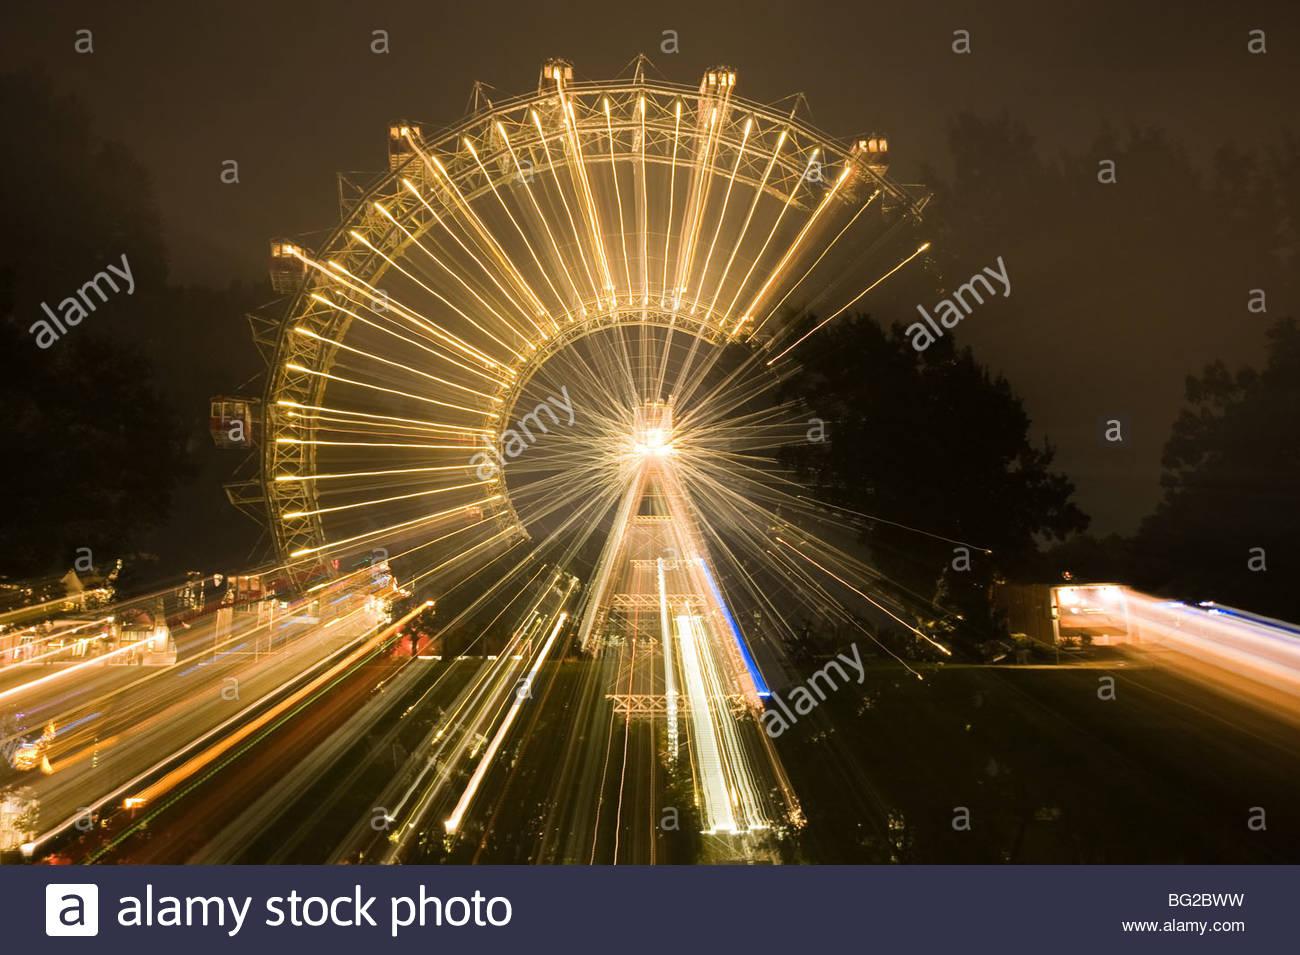 Wien, Prater, Riesenrad - Vienna, Prater, Giant Wheel - Stock Image